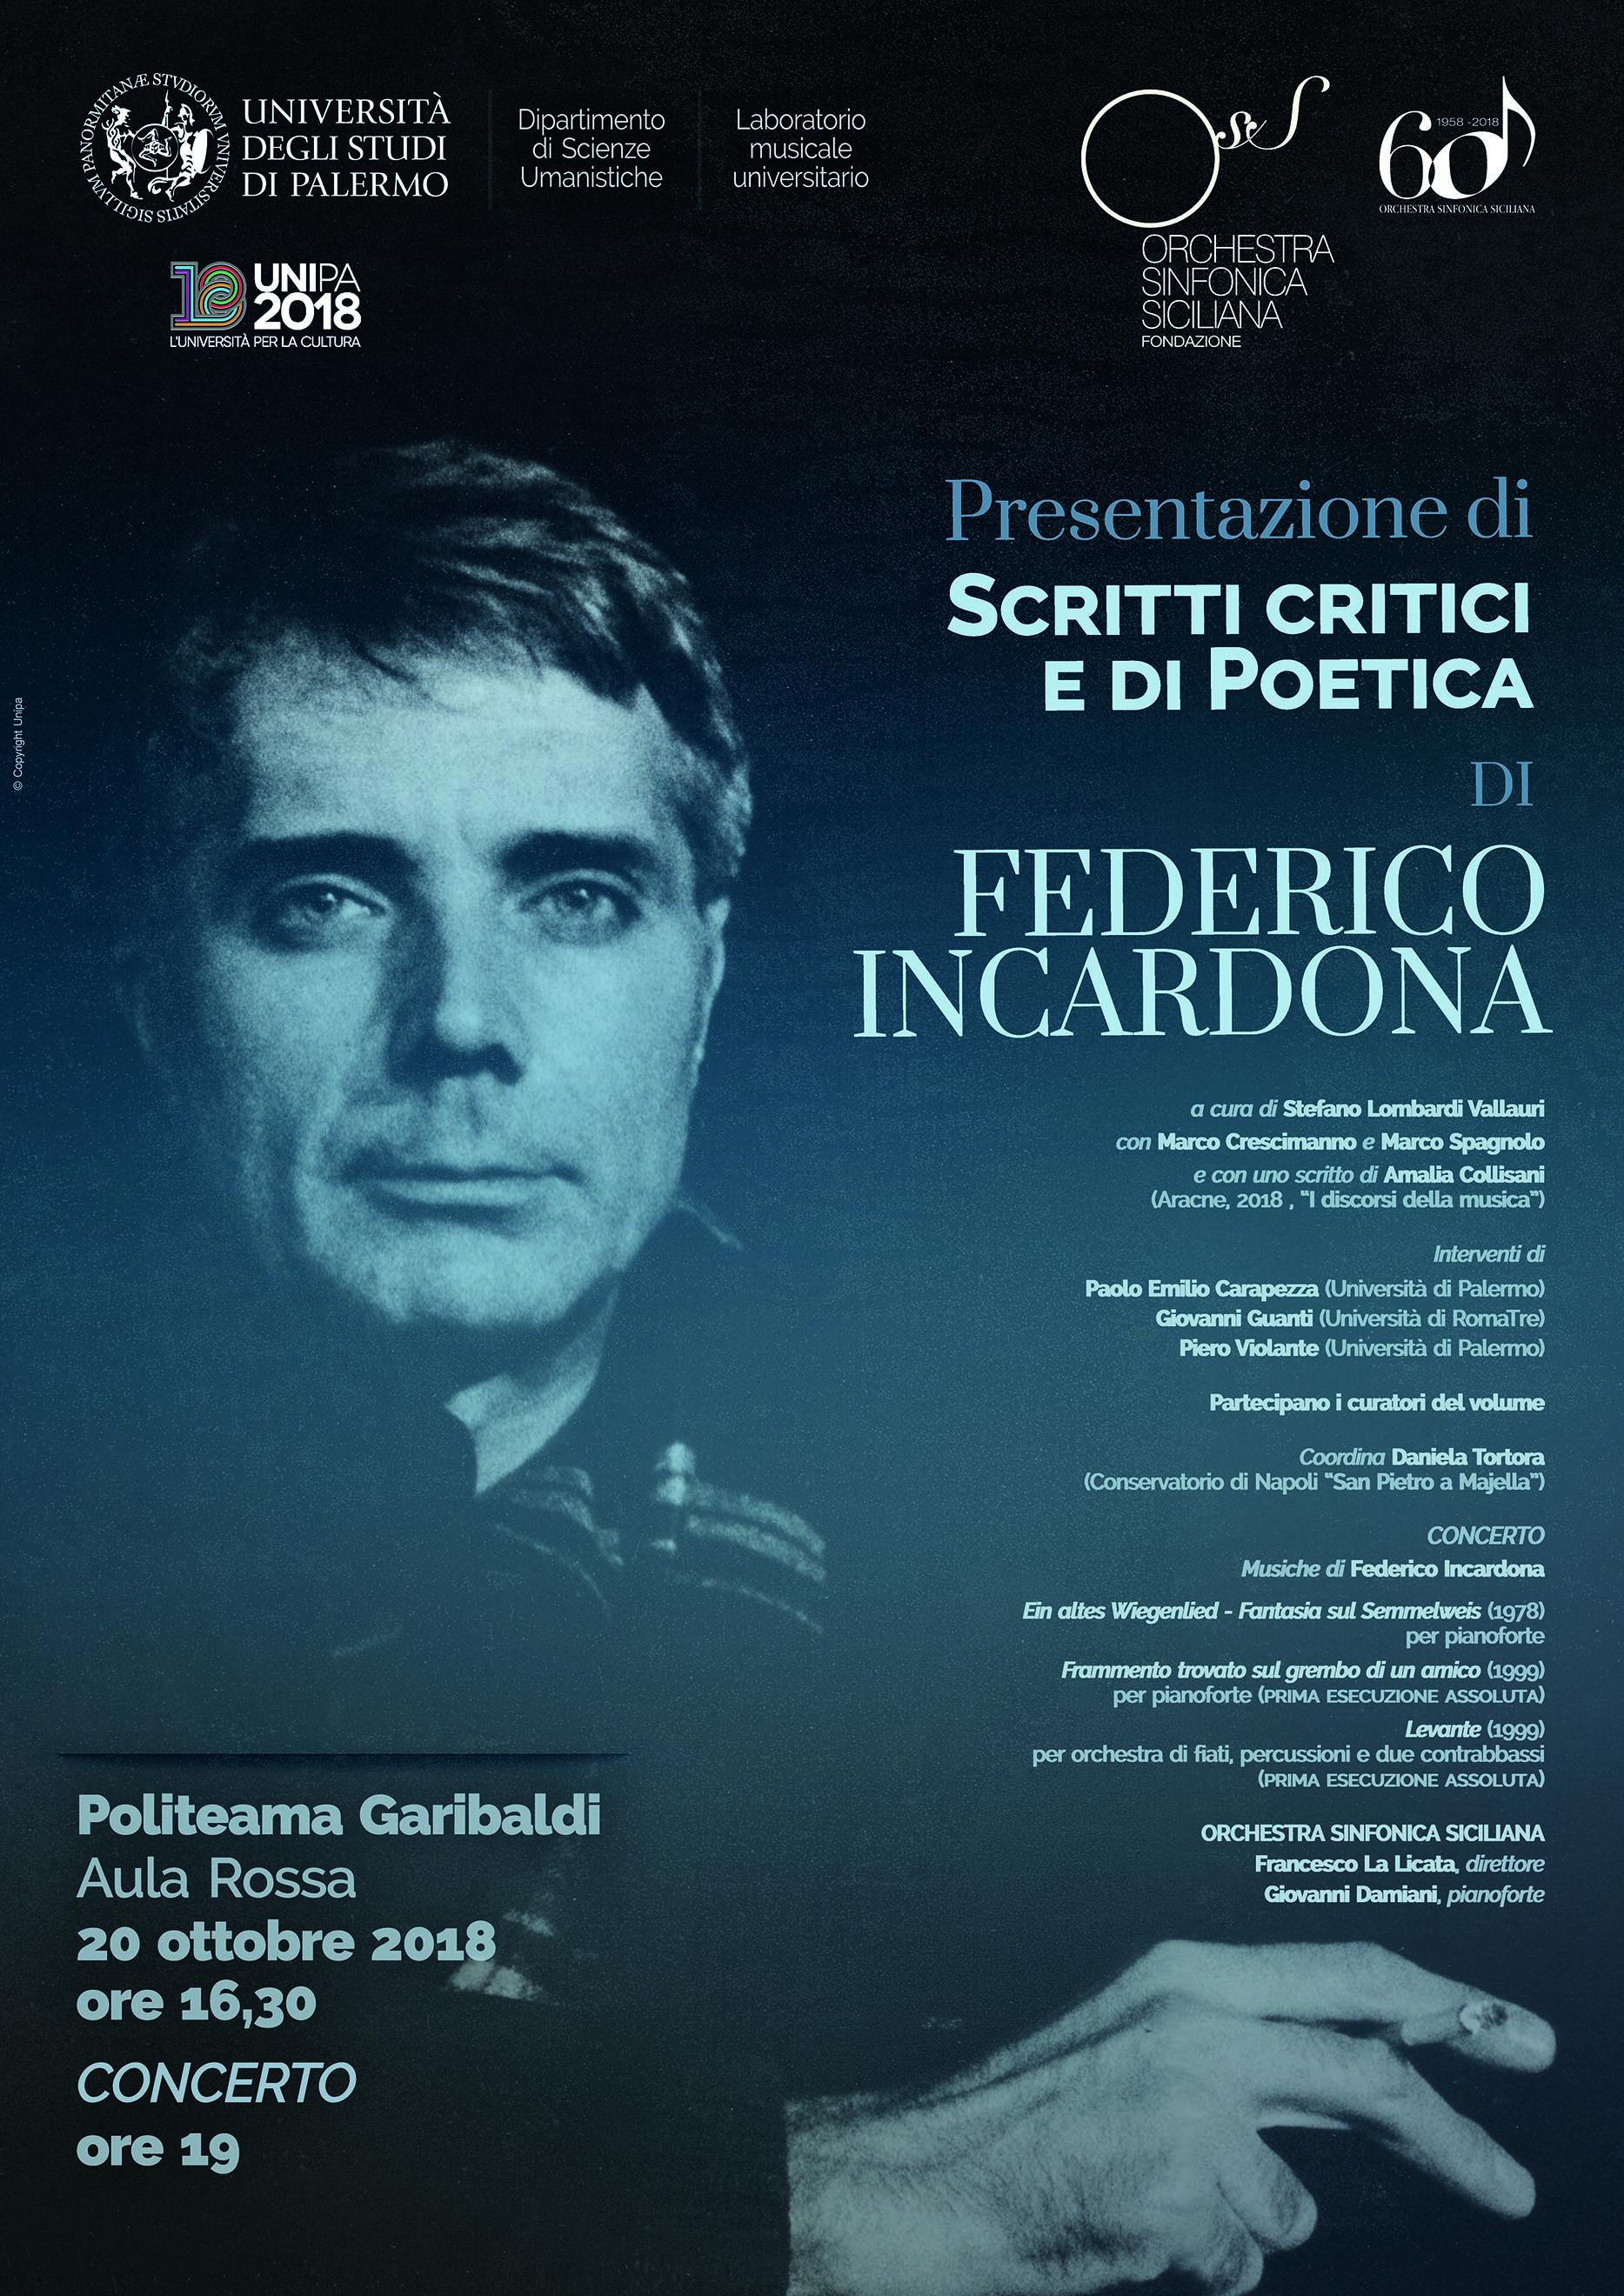 FEDERICO INCARDONA_Scritti critici e di Poetica (web)